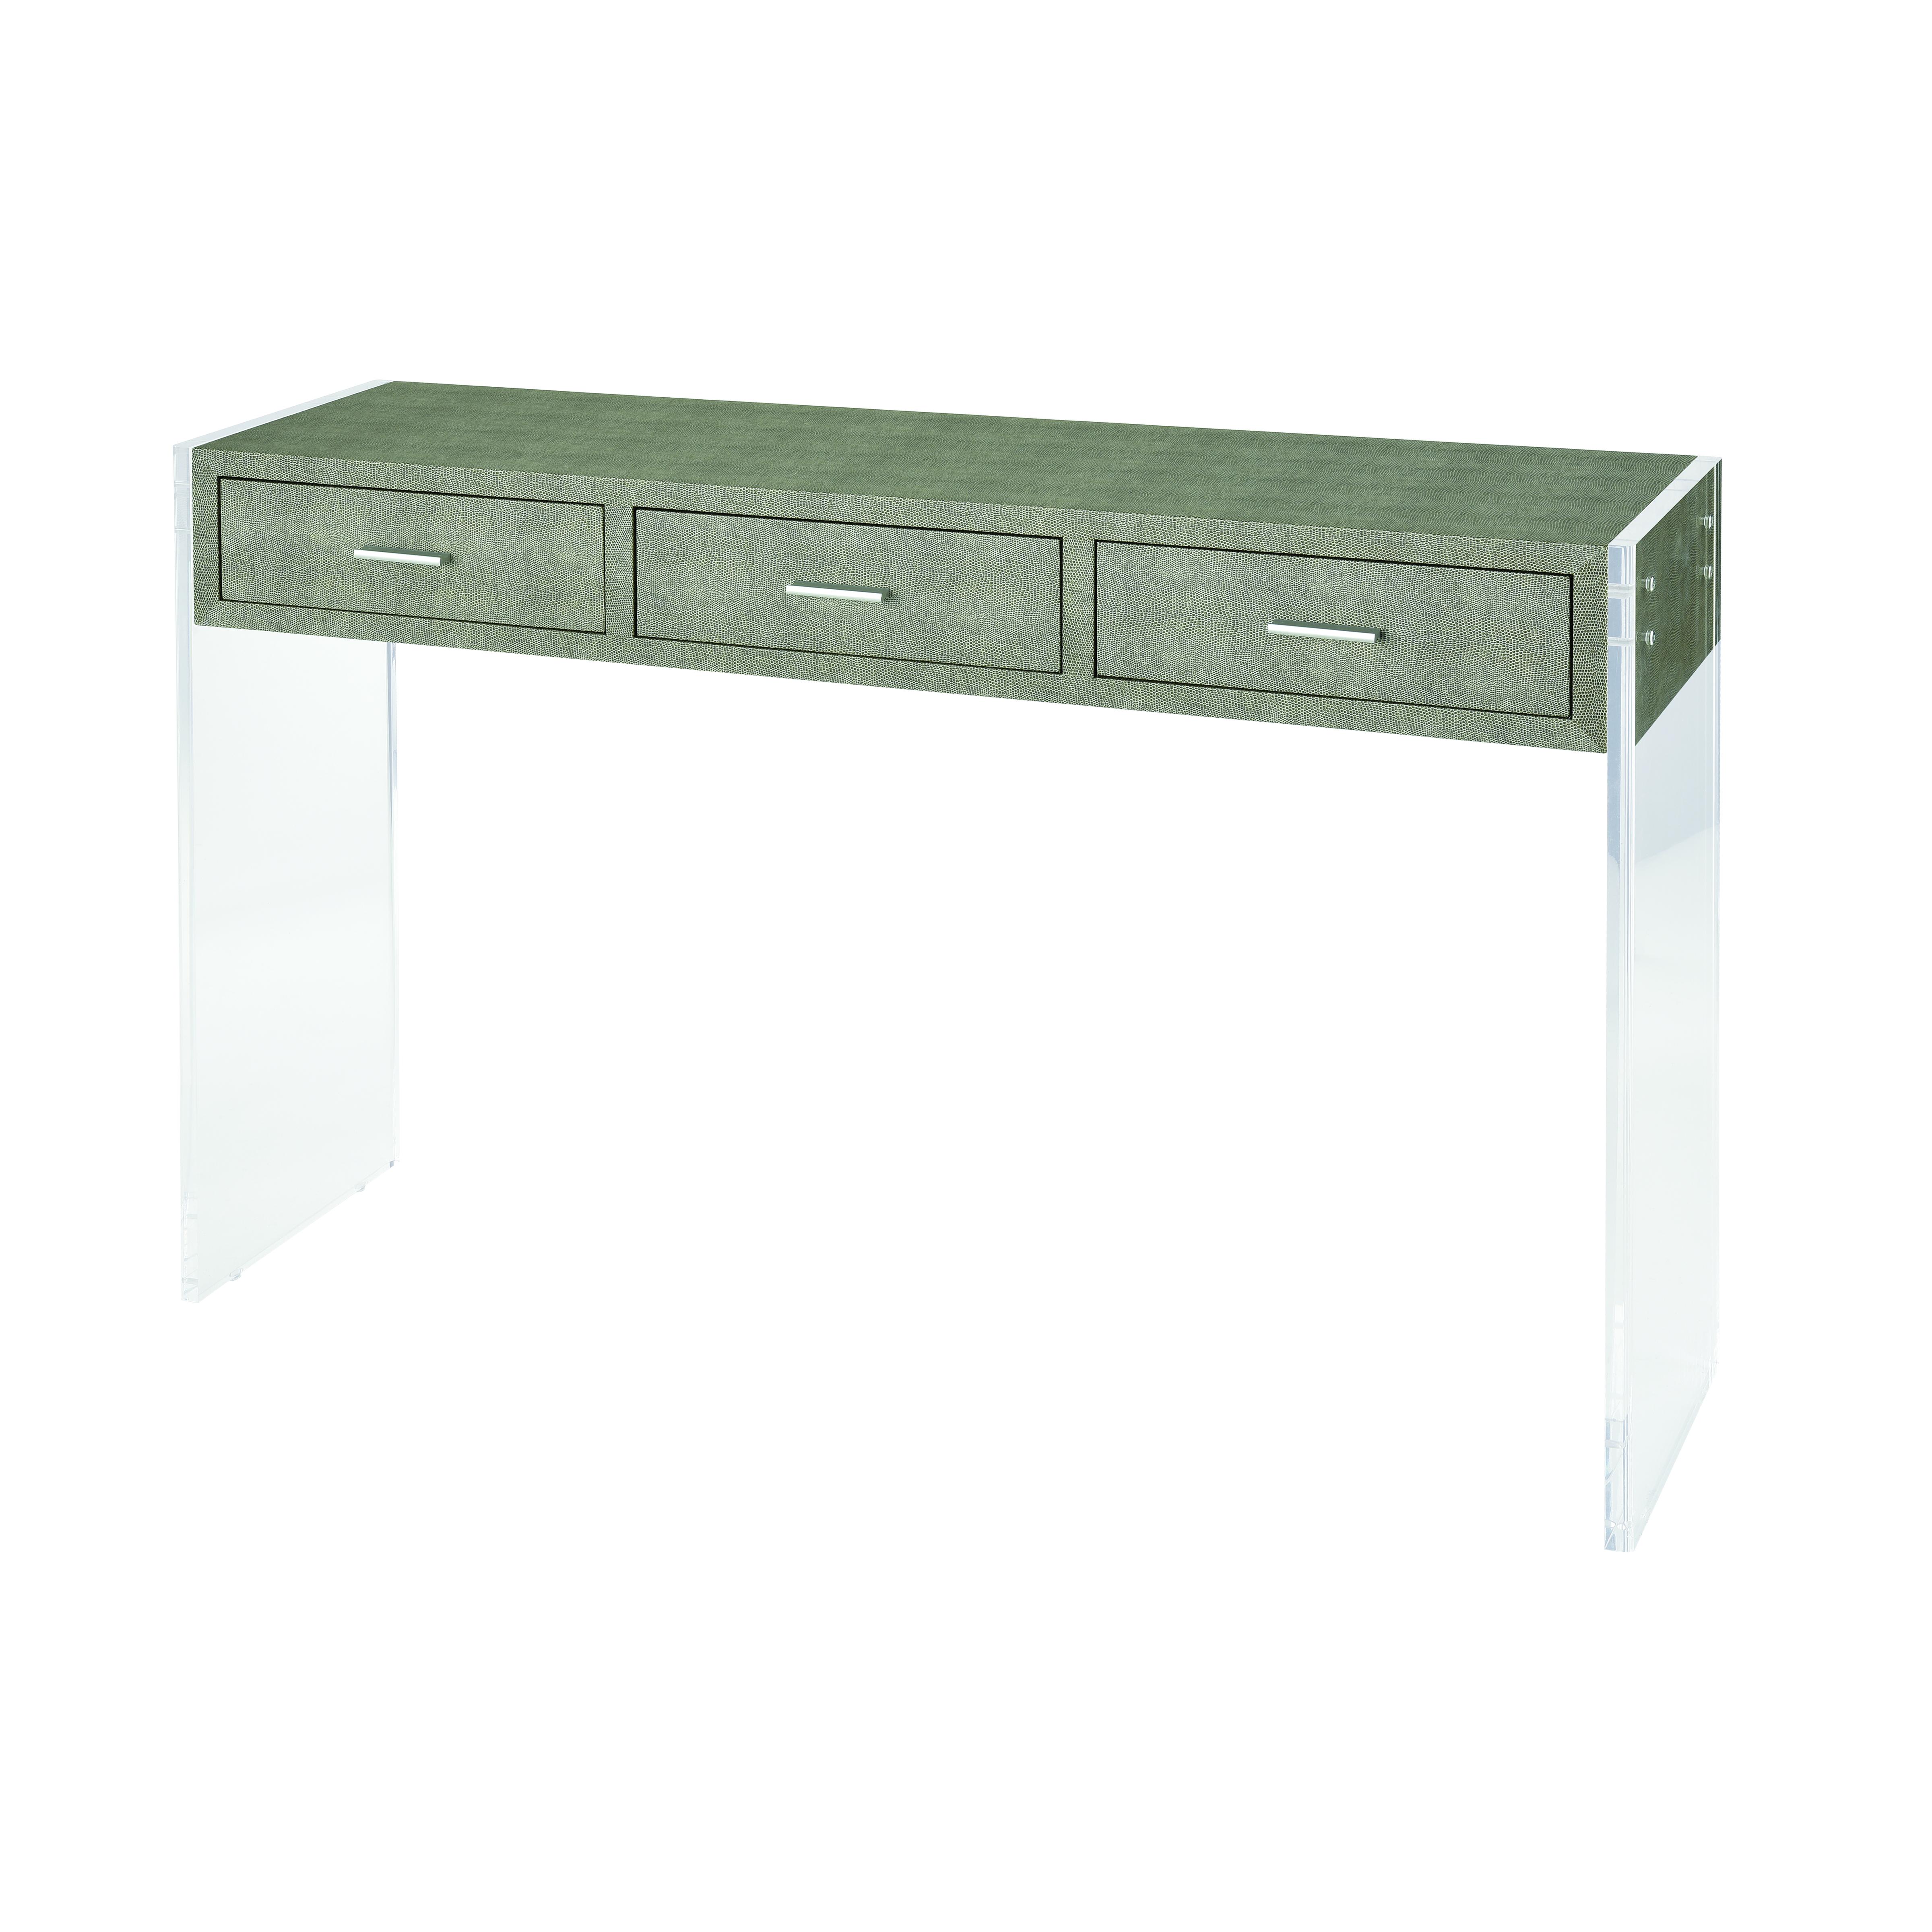 Stein World Monaco-Ville Console Table